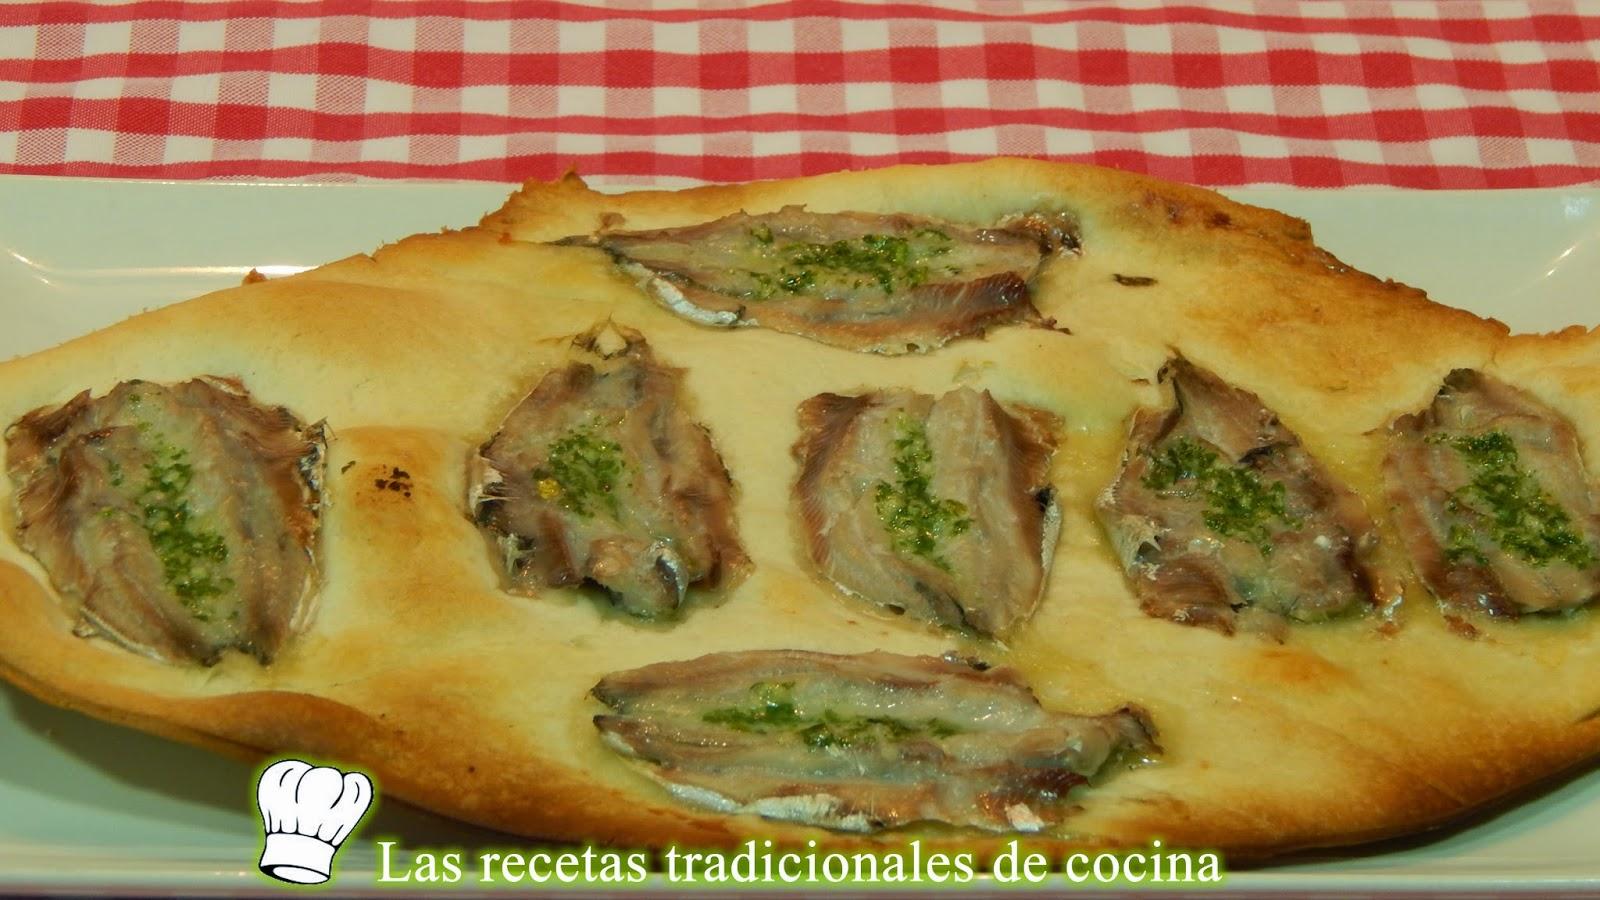 Torta de sardinas fresca